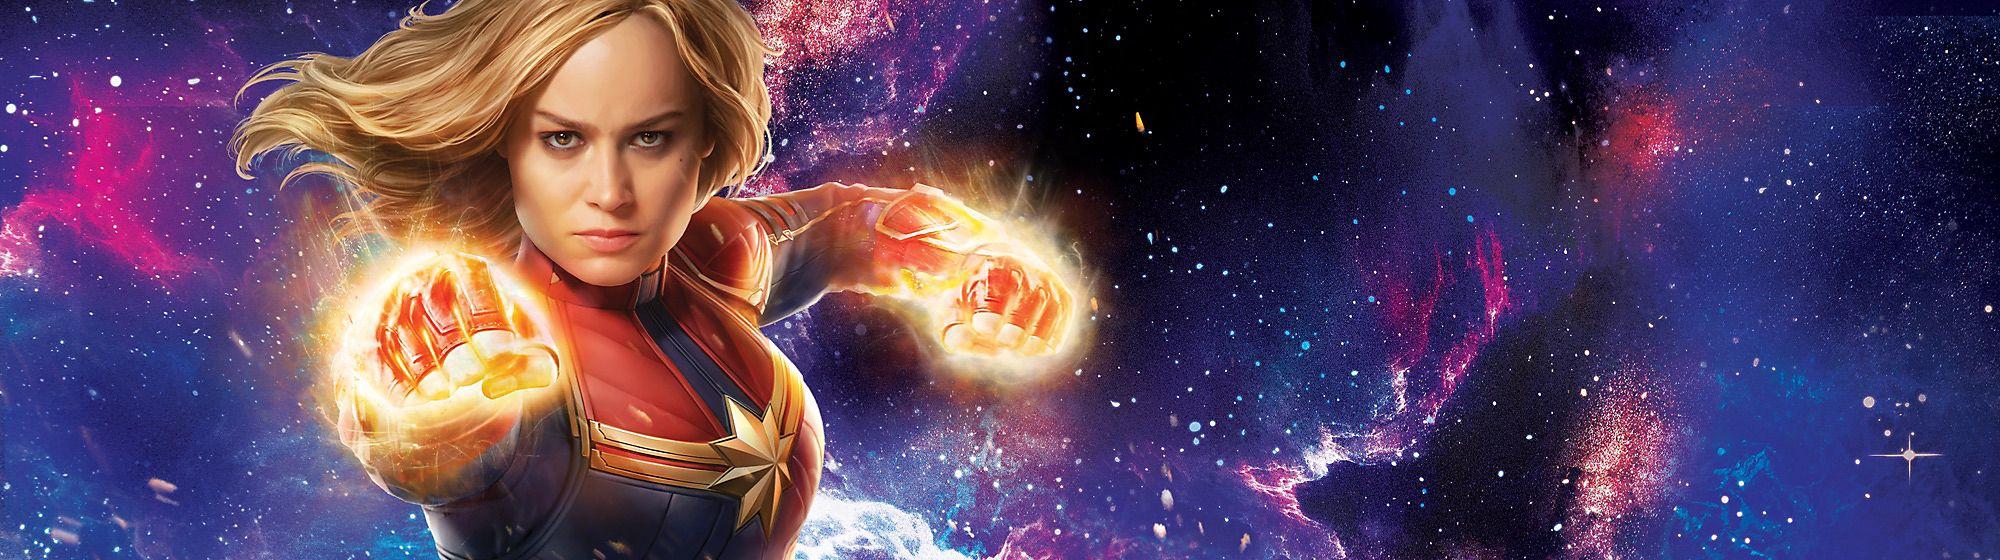 Vivez une fois encore l'aventure mythique de votre super-héros favori avec les articles à l'effigie du célèbre Captain Marvel!